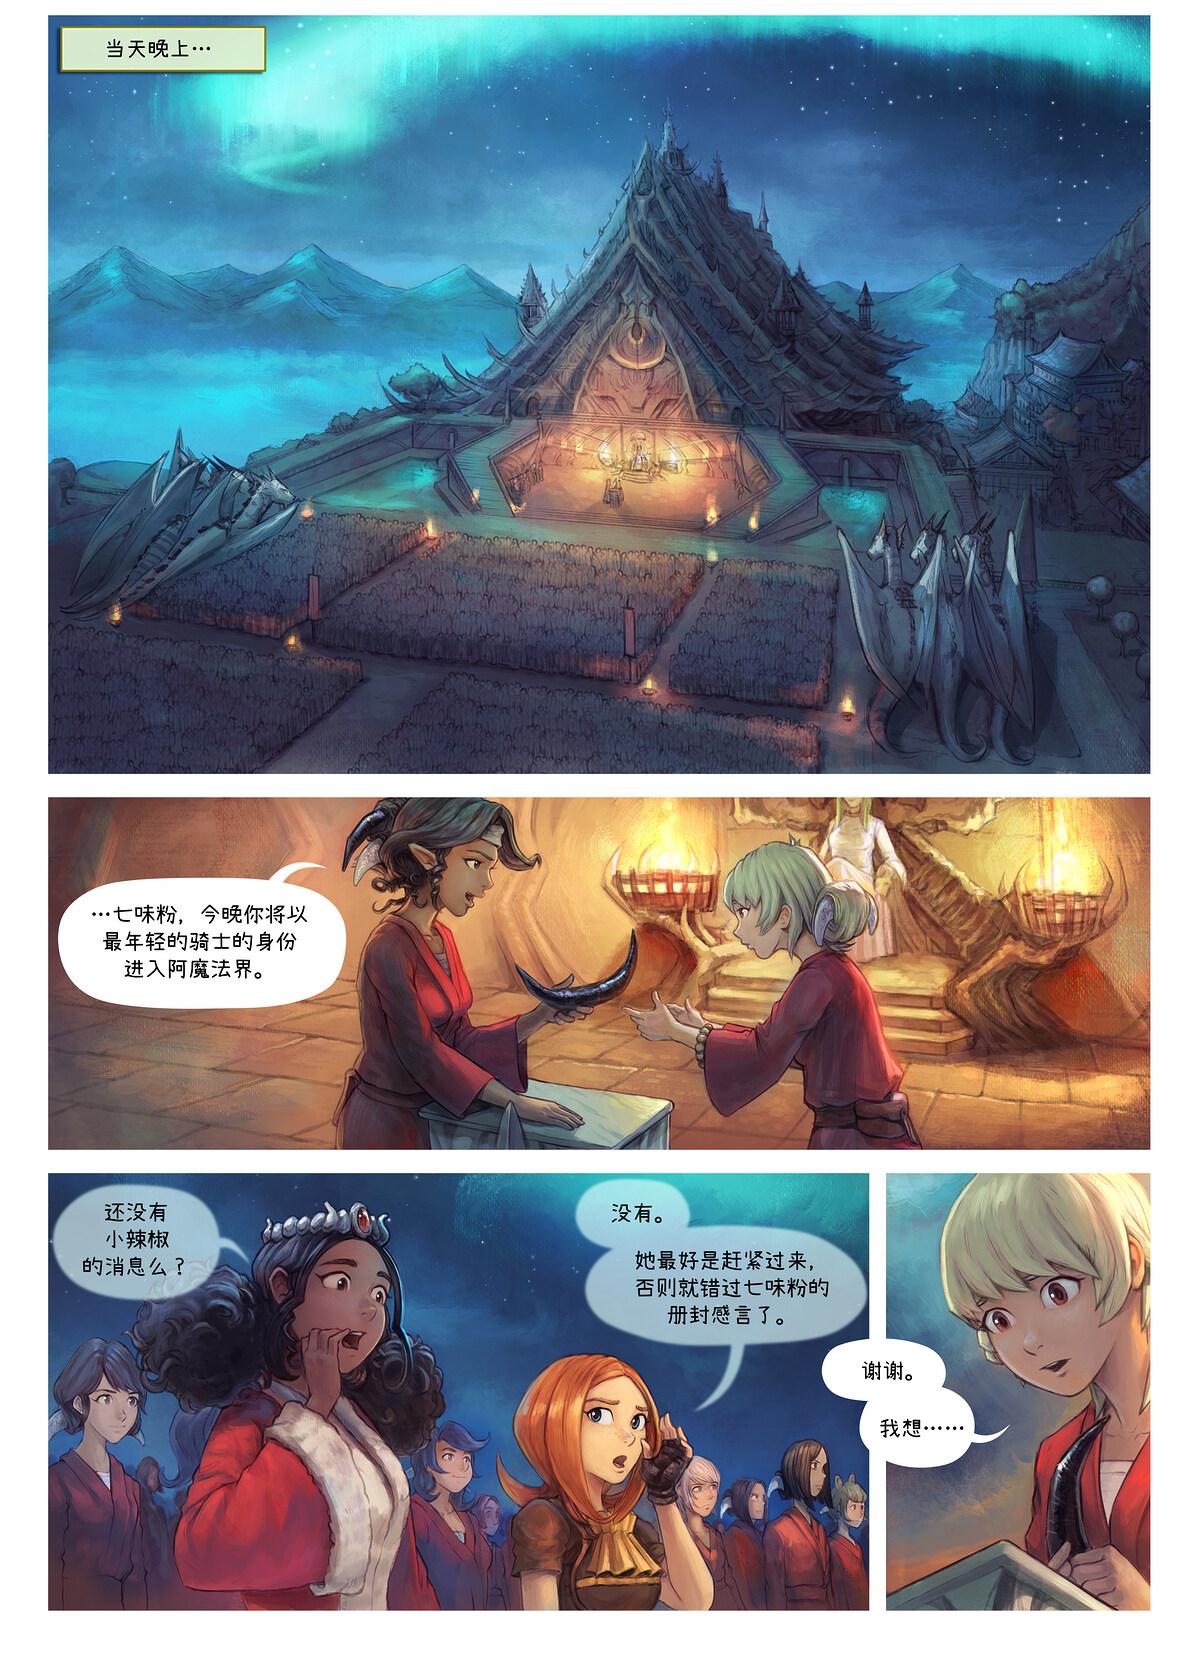 第34集:七味粉的册封仪式, Page 1